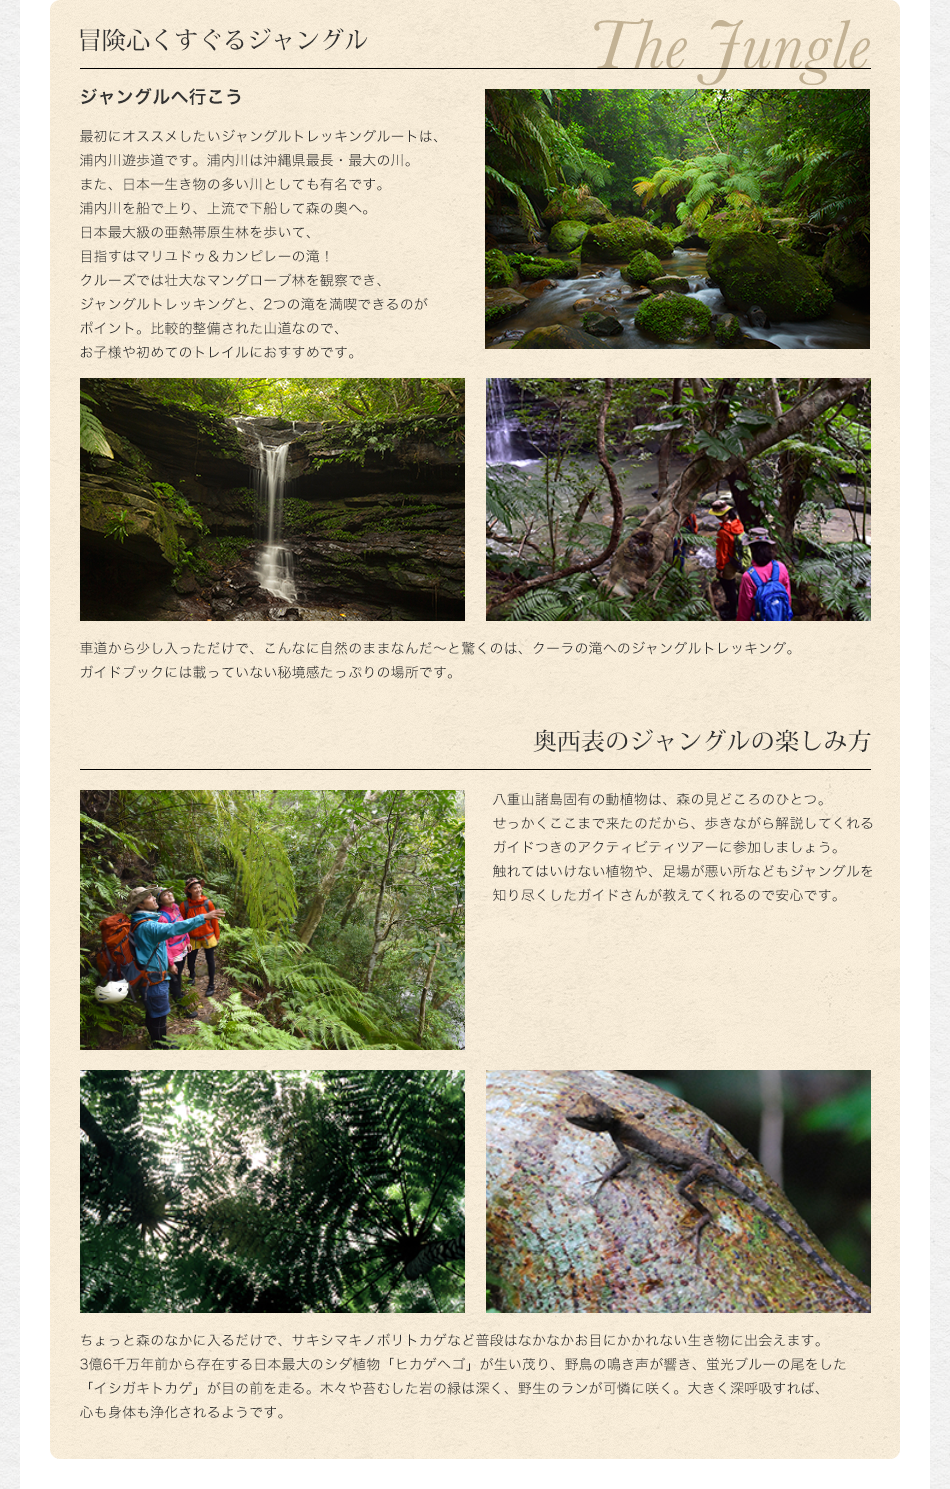 冒険心くすぐるジャングル